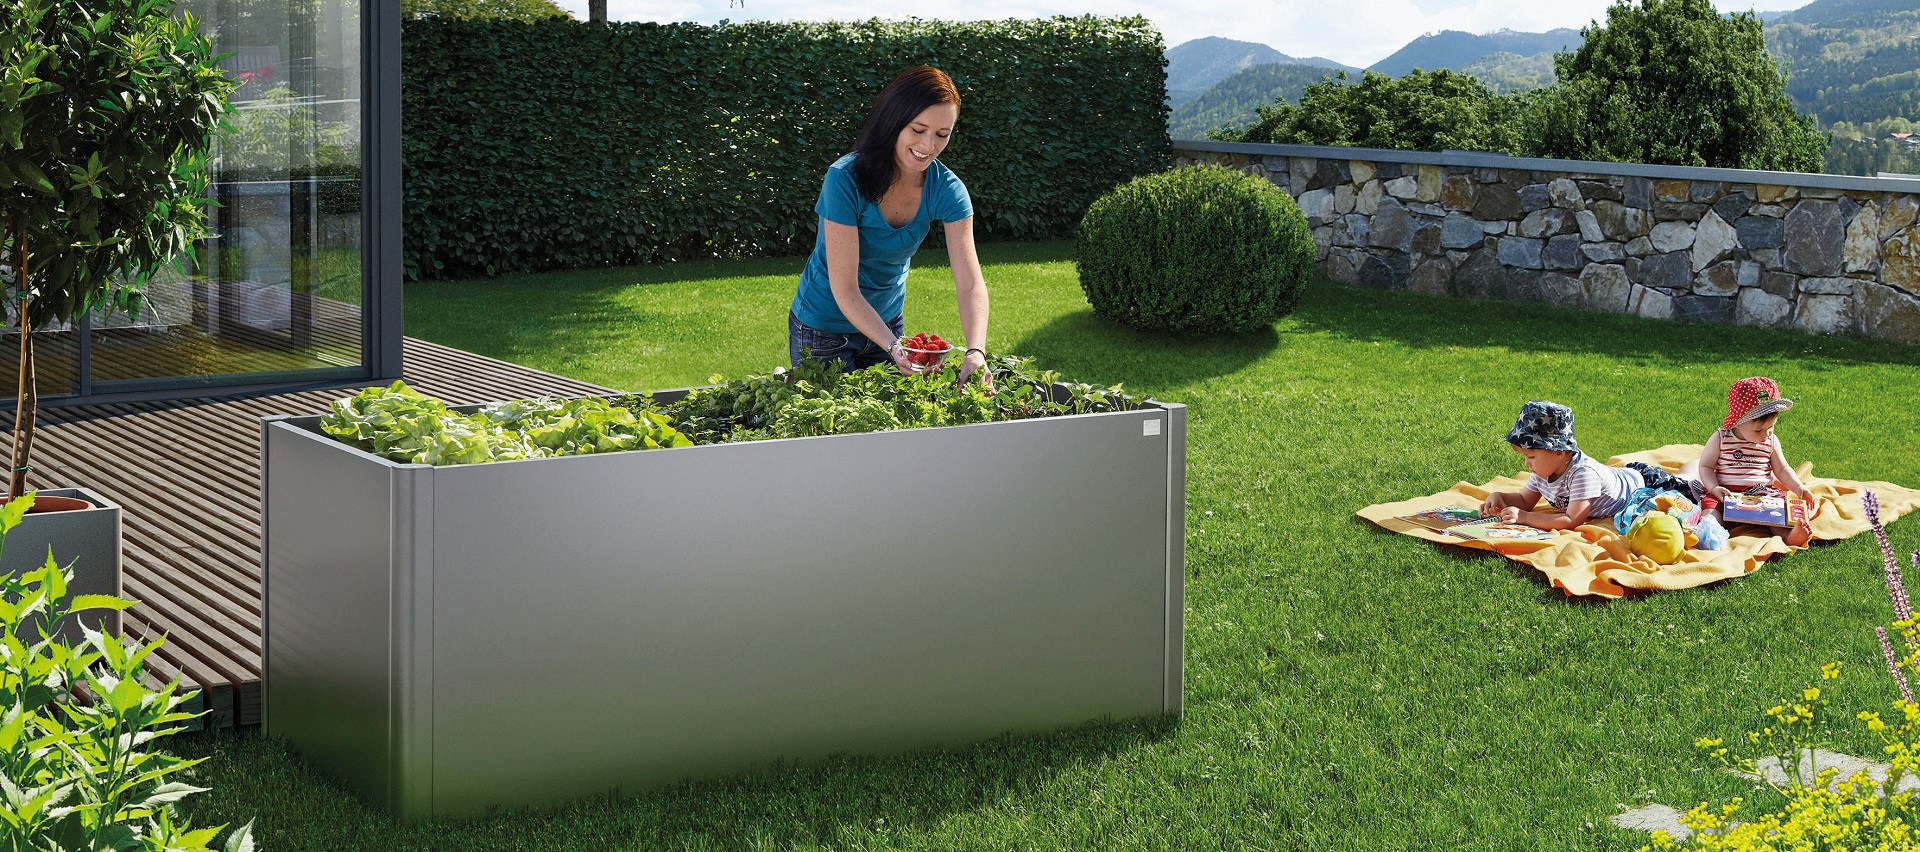 Gartenordnung Hochbeet von Biohort bei Holz-Hauff GmbH in Leingarten